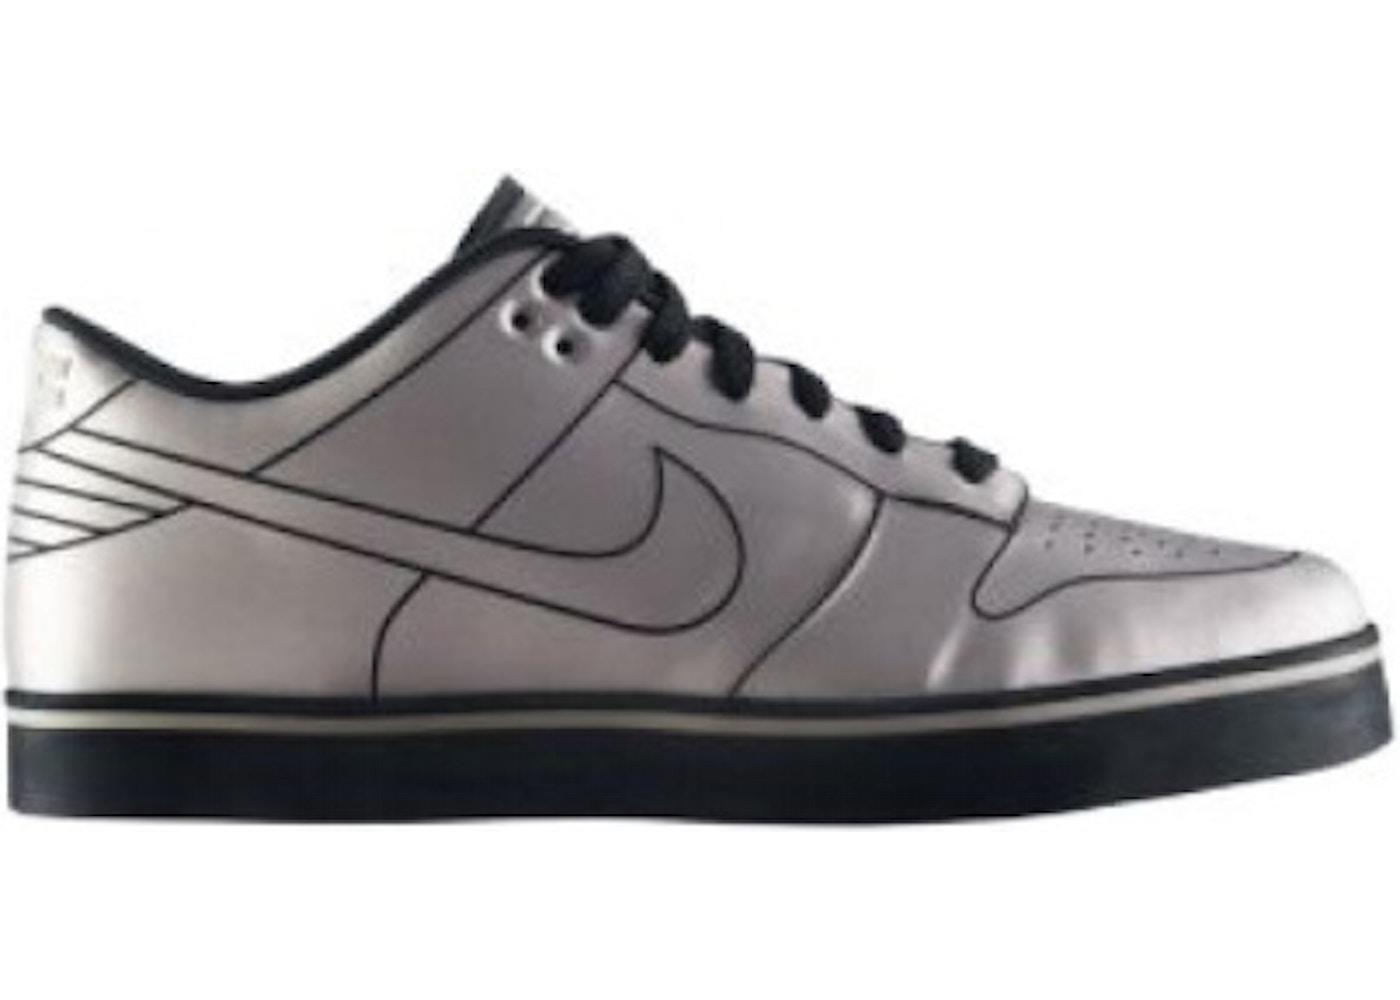 best sneakers 2c3b6 26533 Nike Dunk Low 6.0 SE Delorean DMC-12 - 433152-001